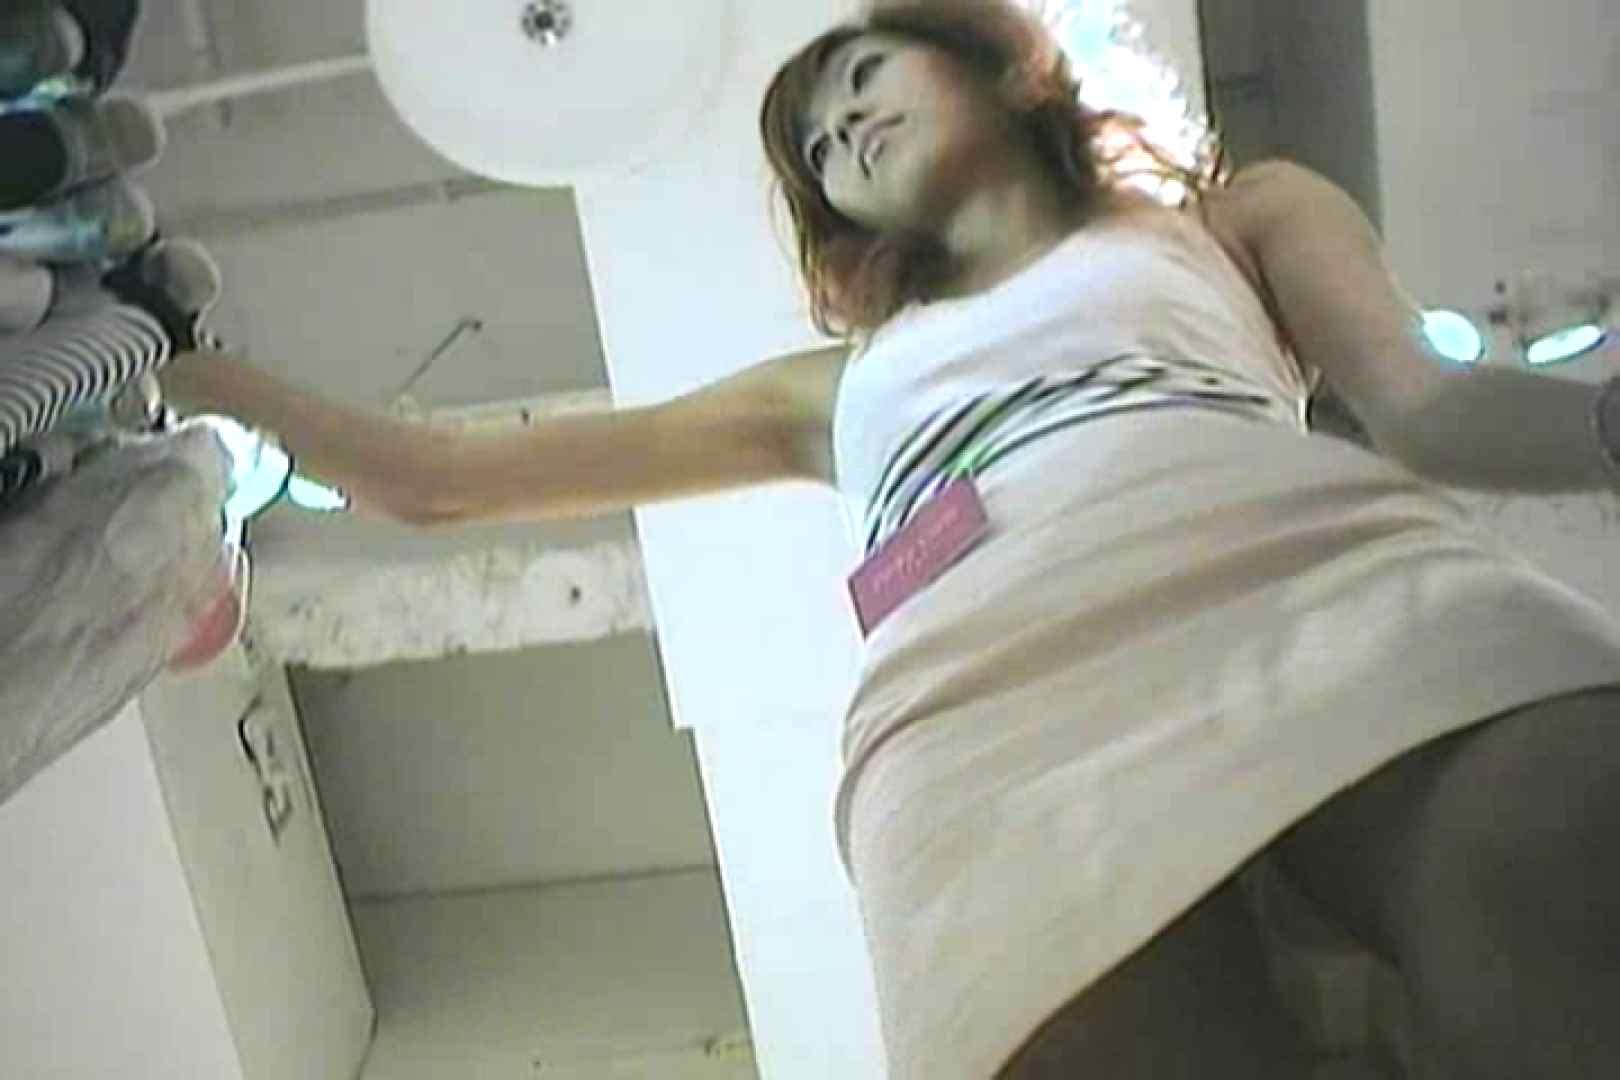 家電系ストッキングスケスケパンツVol.2 下半身   美しいOLの裸体  83pic 13